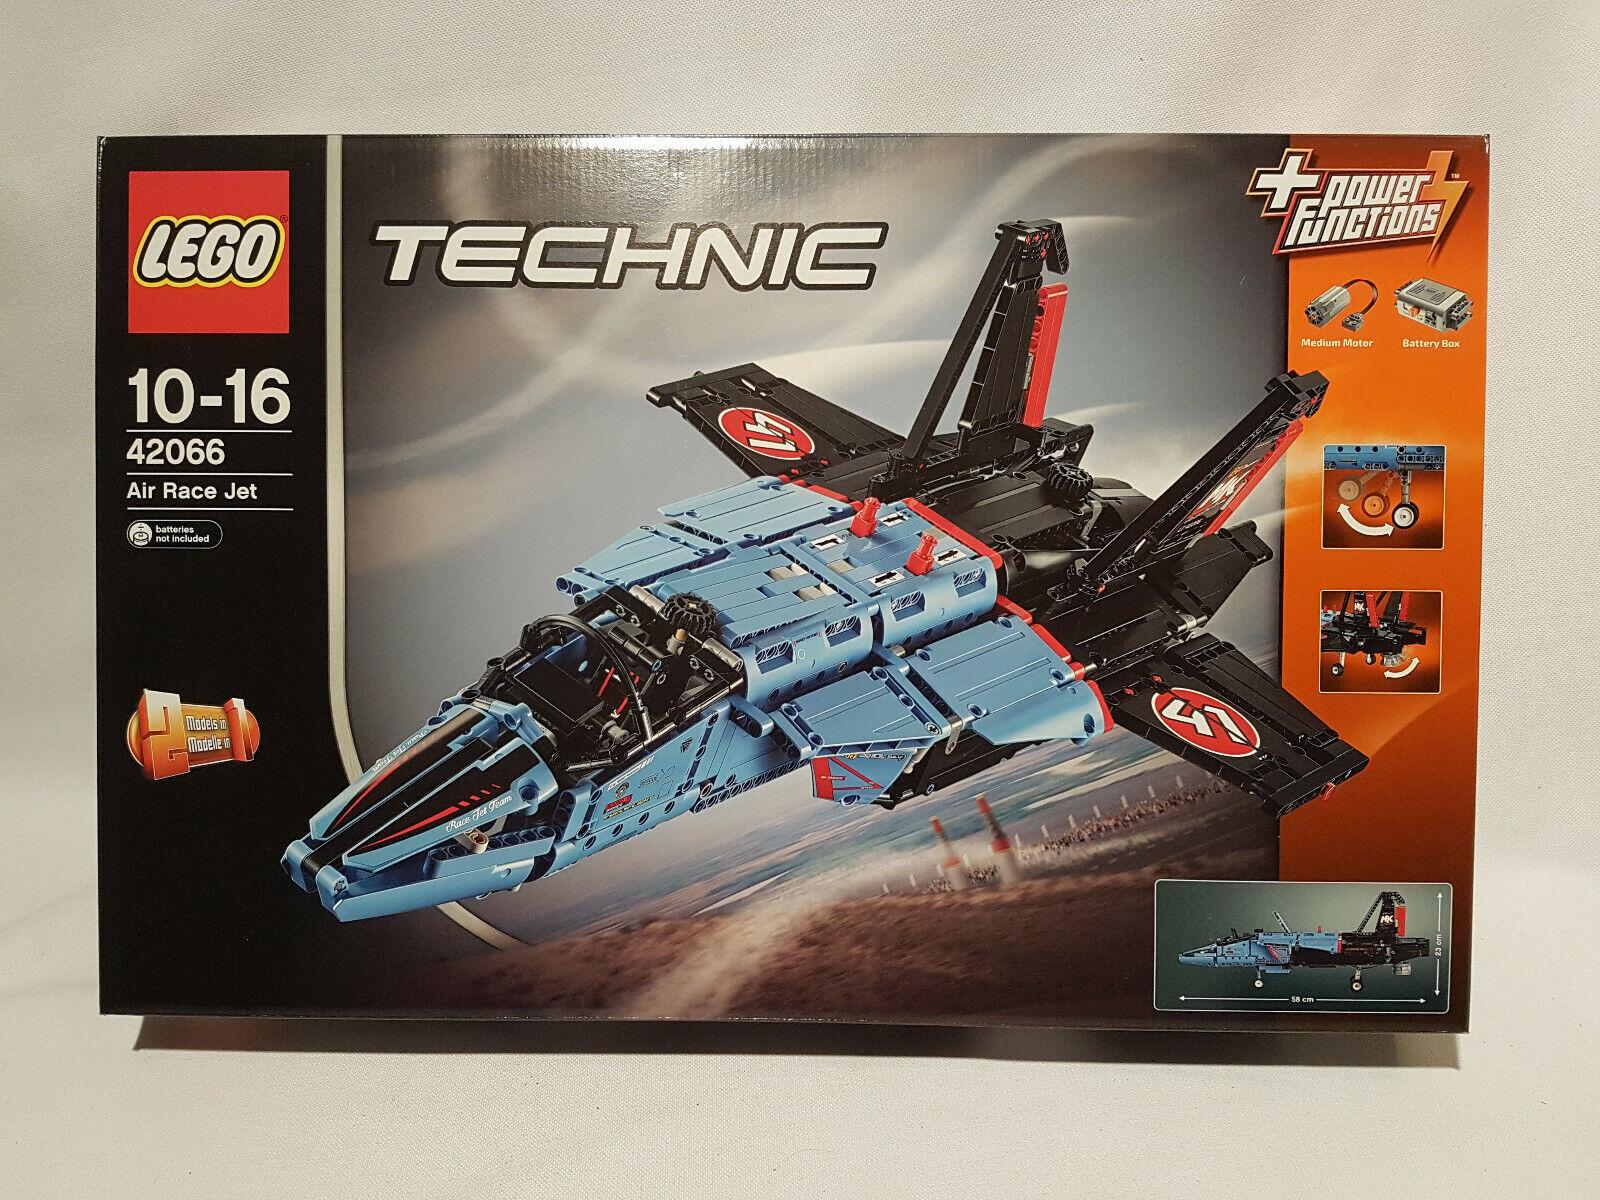 LEGO 42066 TECHNIC Air Race Jet NEUF, SCELLE.